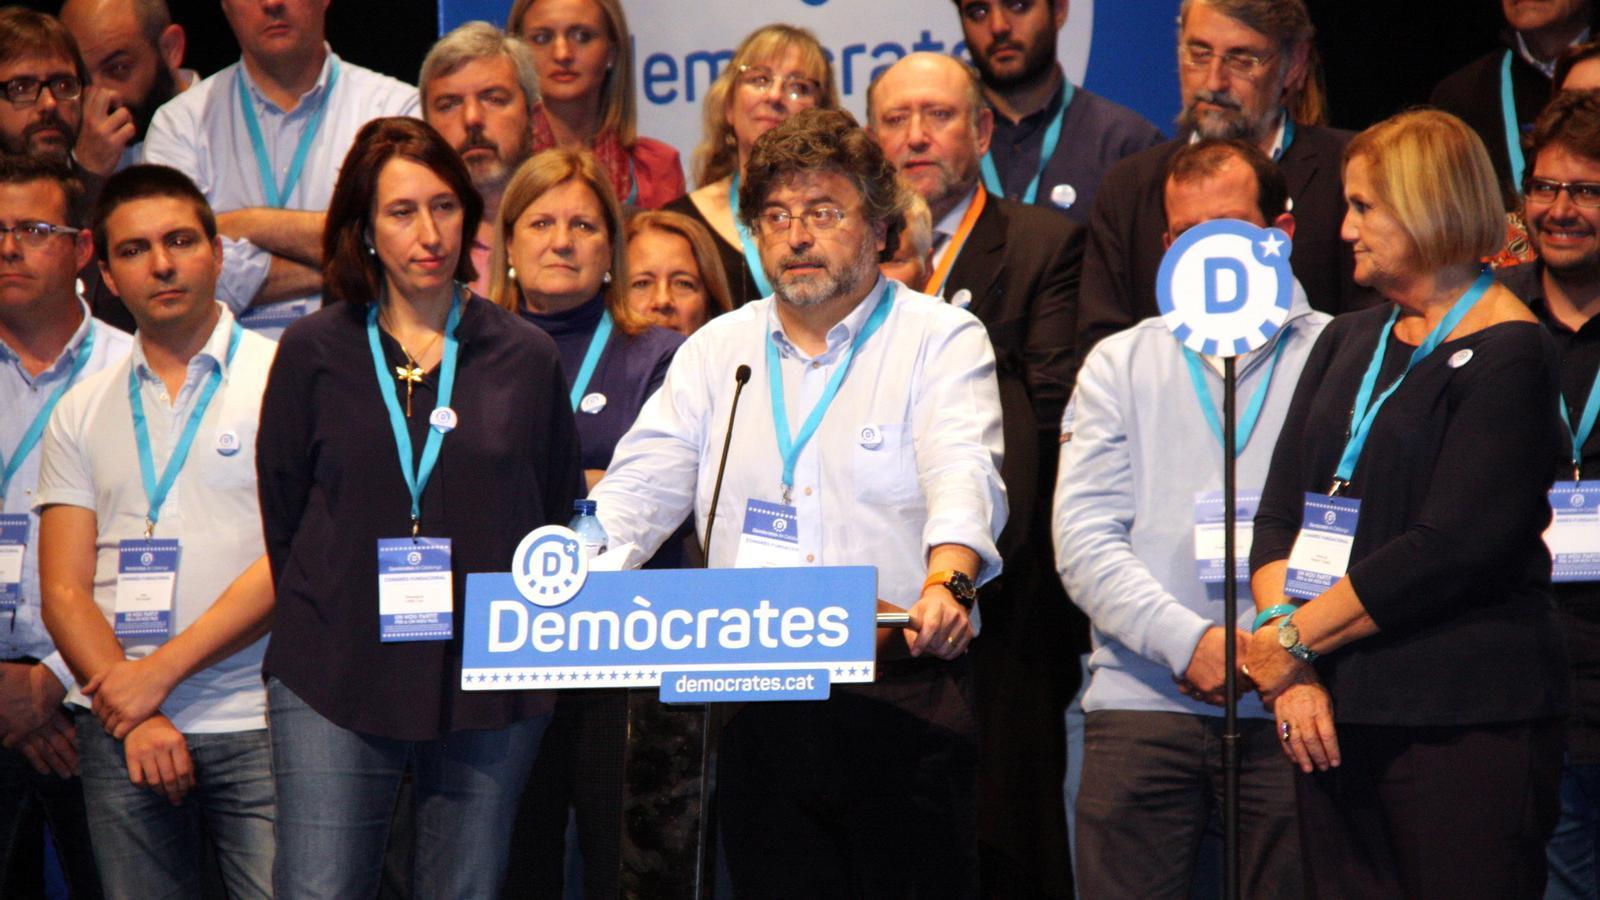 Antoni Castellà intervé en el congrés fundacional de Demòcrates de Catalunya / ACN